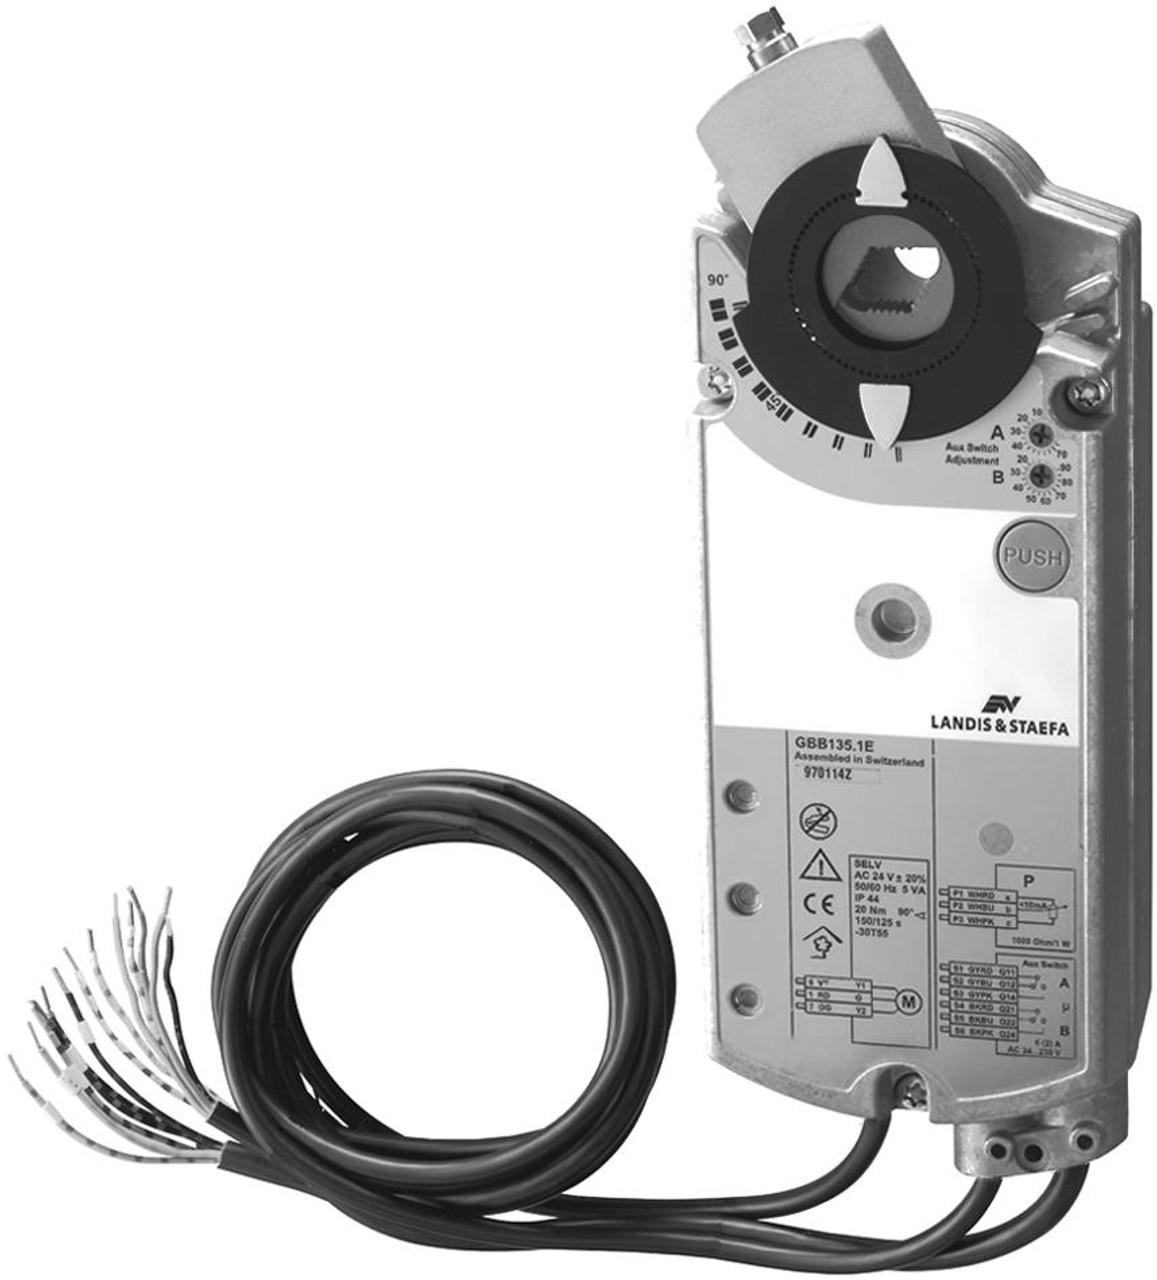 GBB335.1E rotary air damper actuator